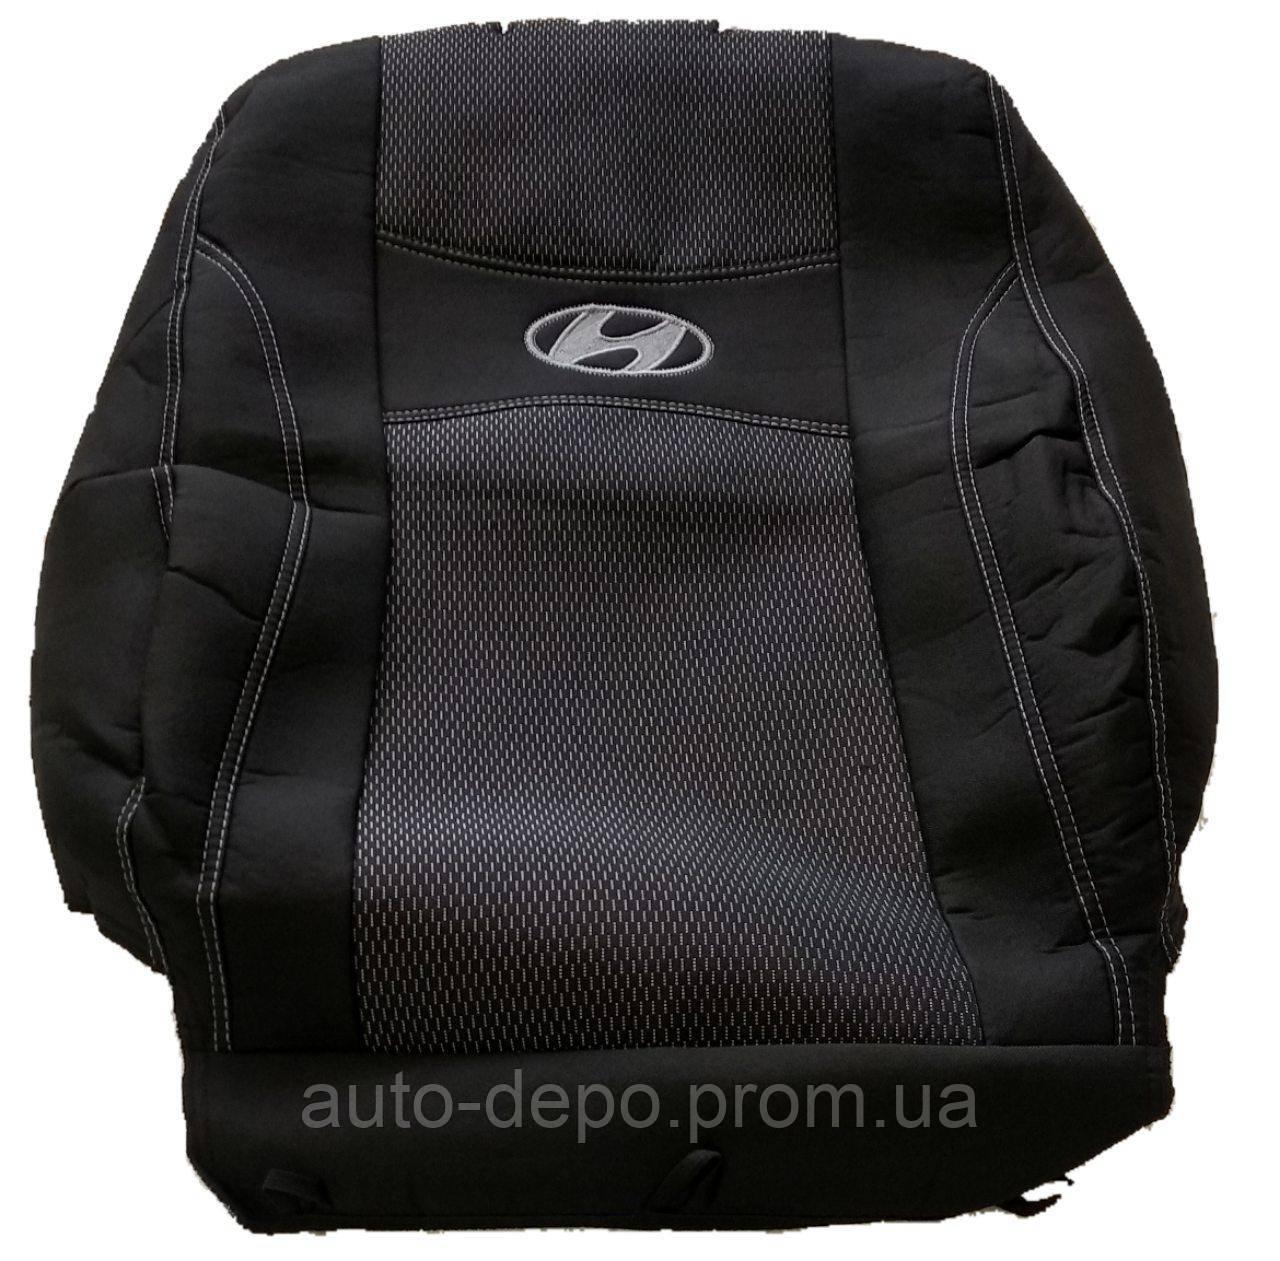 Авточехлы на сиденья Hyundai H1 1+2 1997-2007 Nika